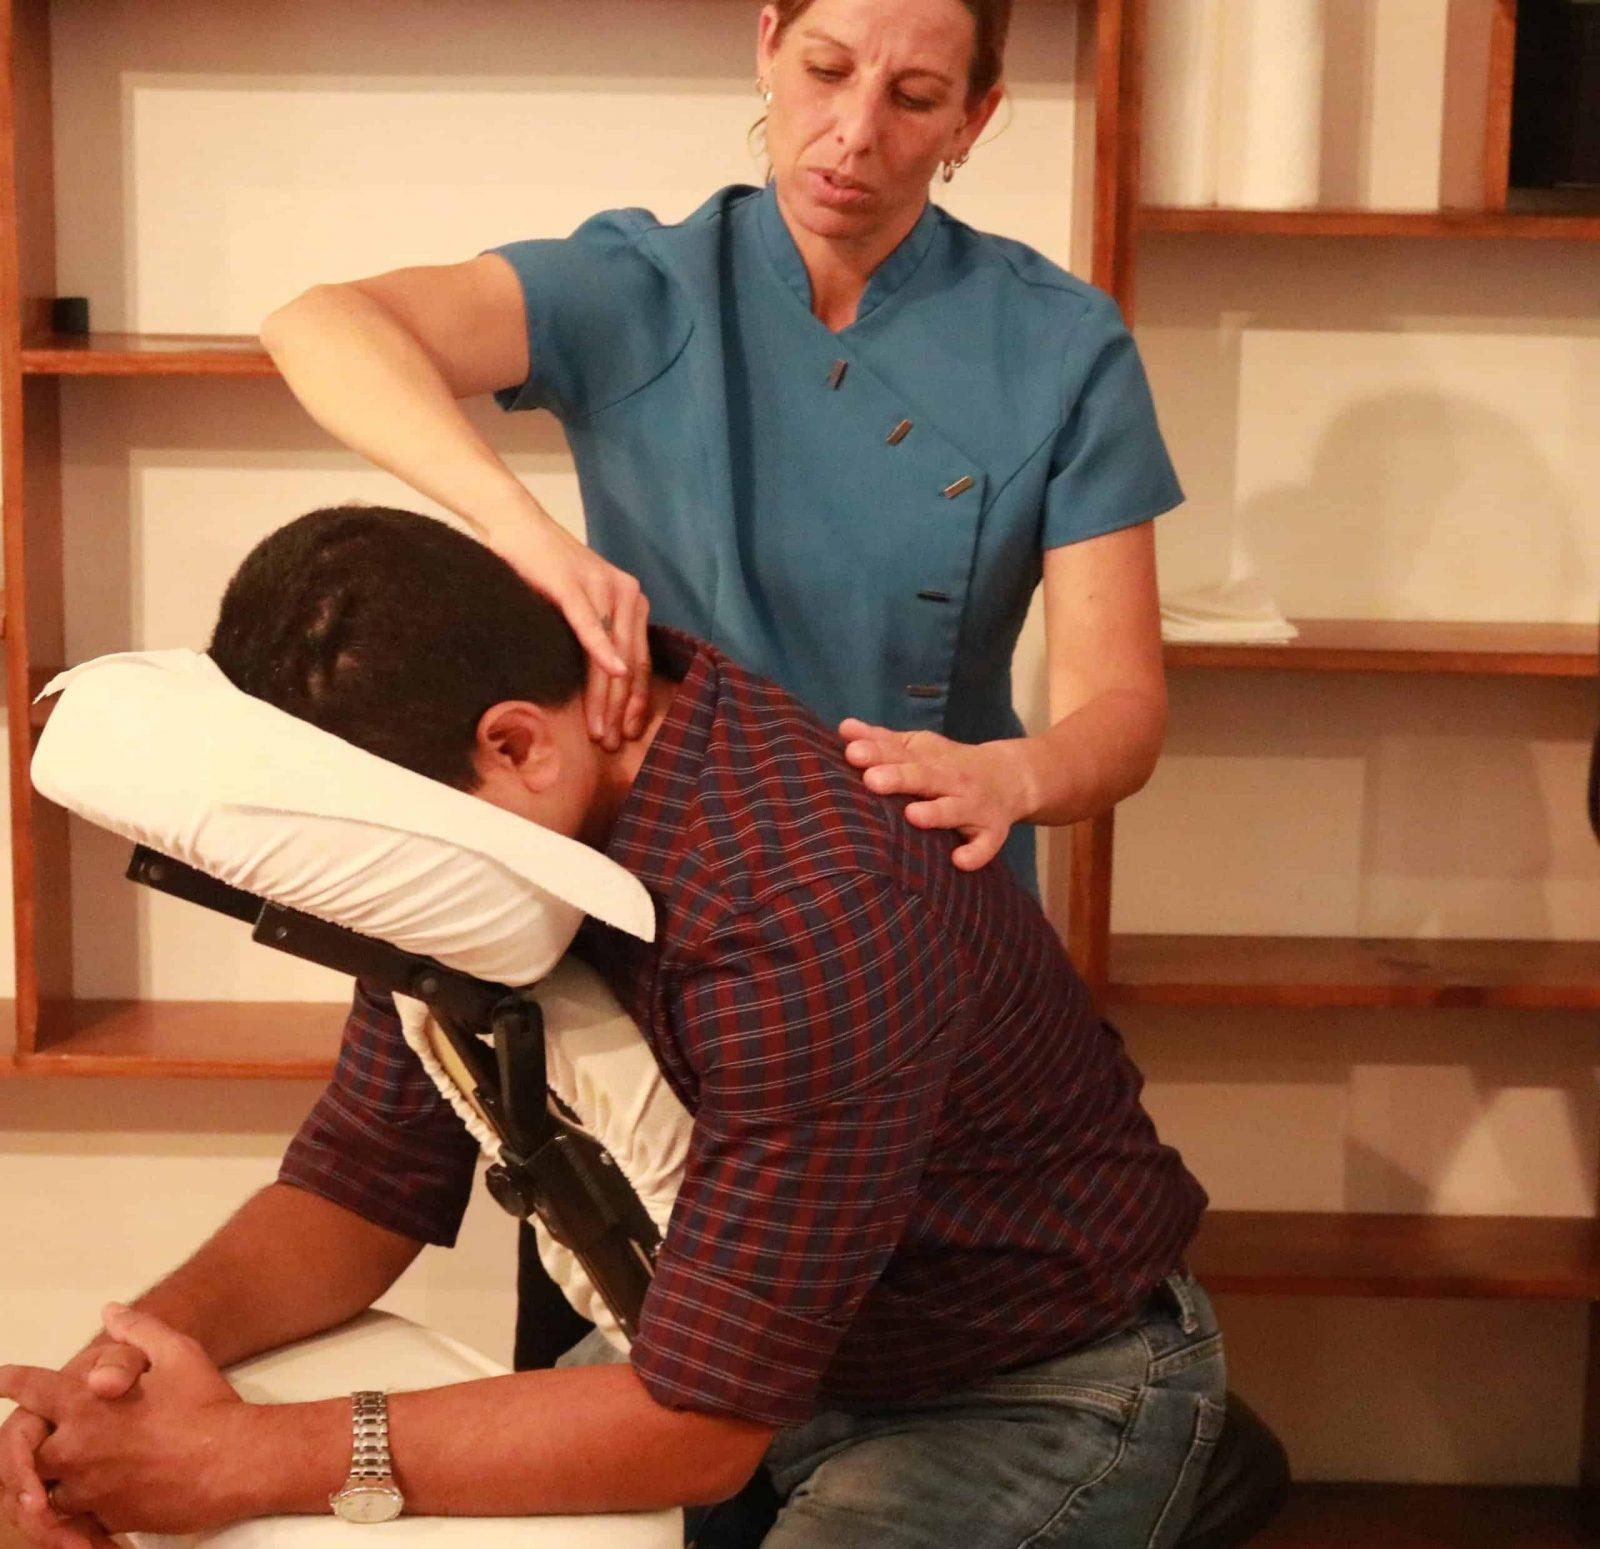 Massothérapeute donnant un massage sur chaise